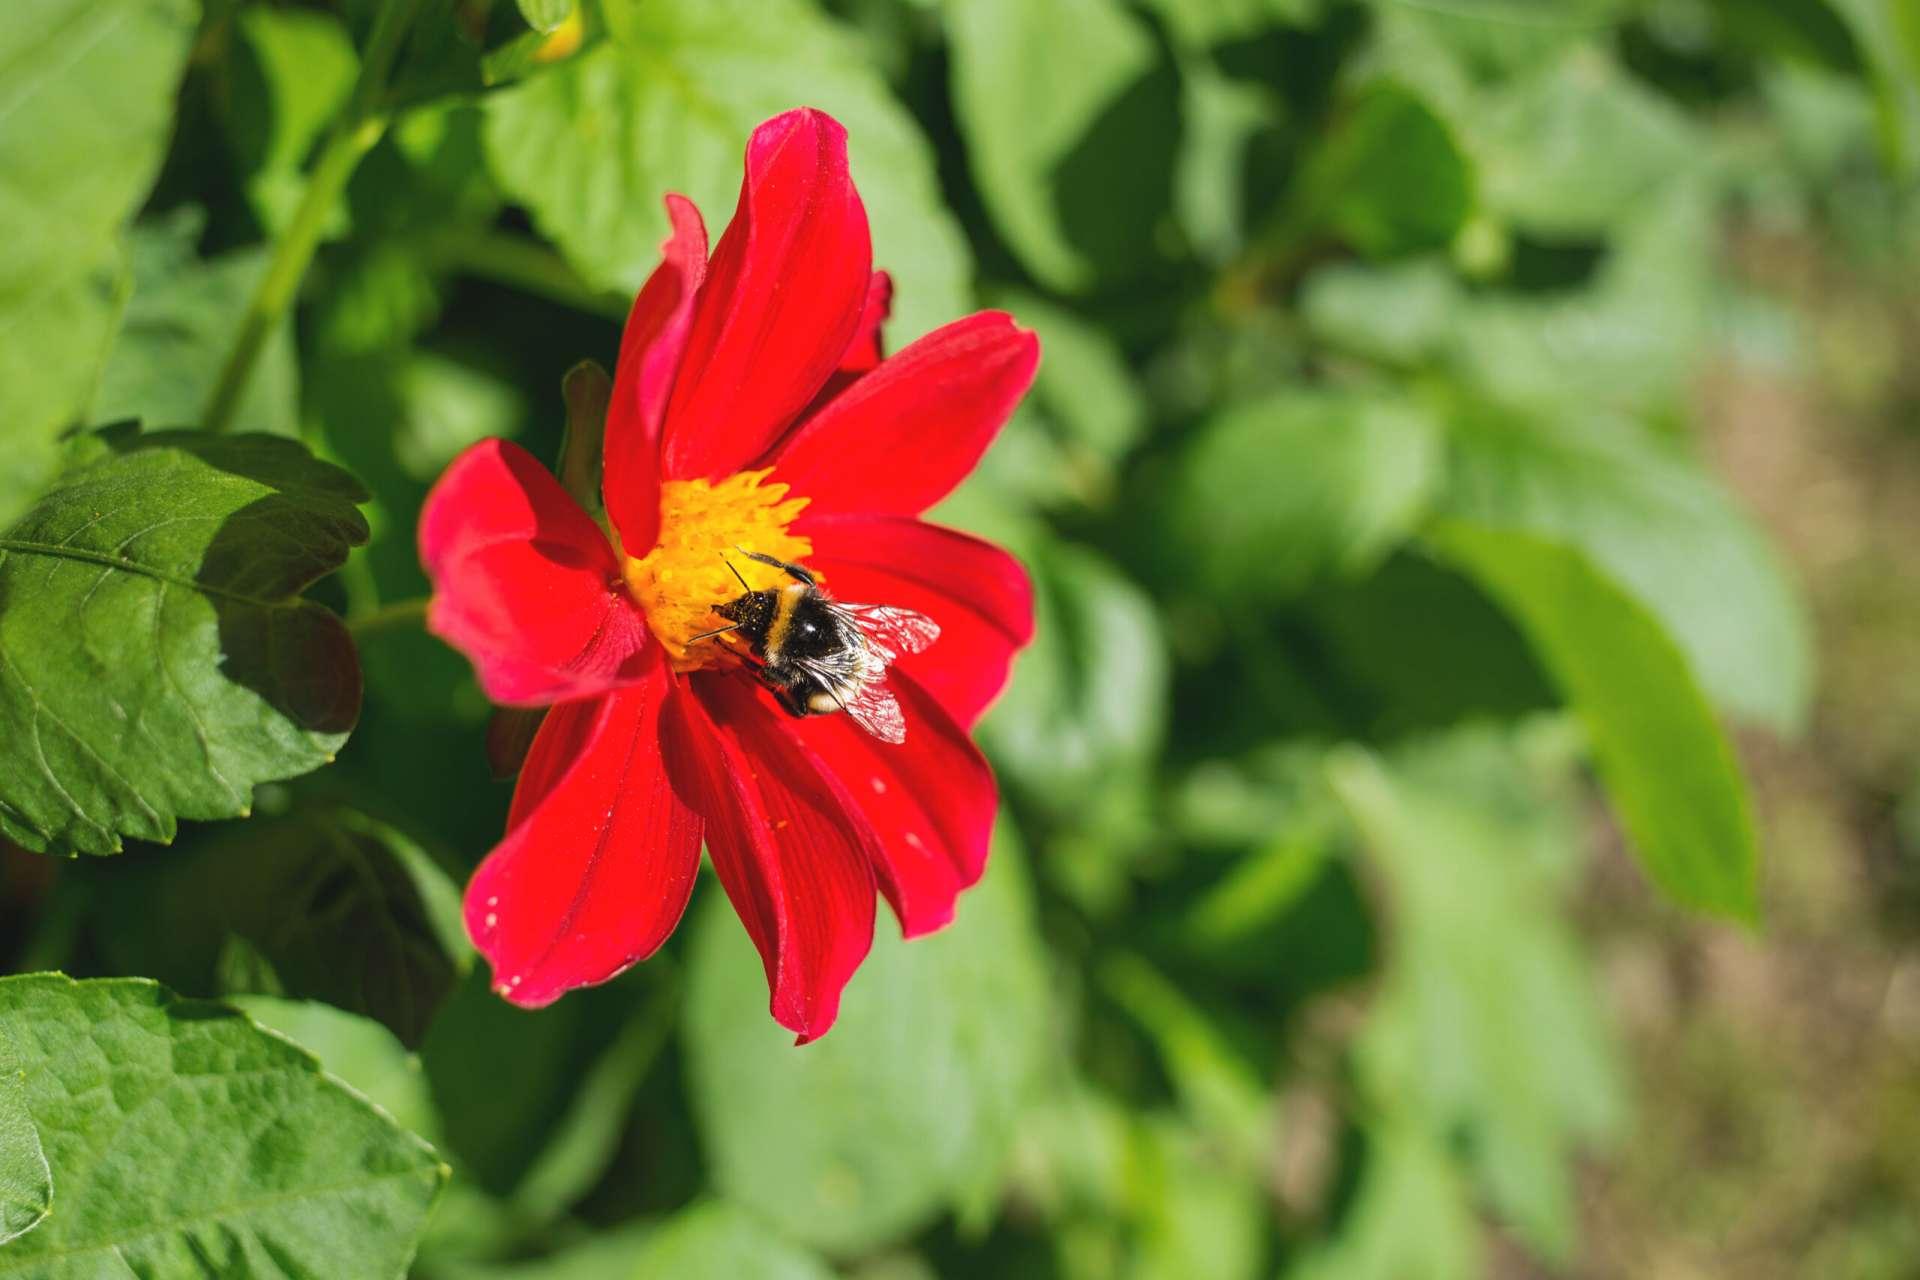 Miks on mesilased olulised ja kuidas neid aidata scaled